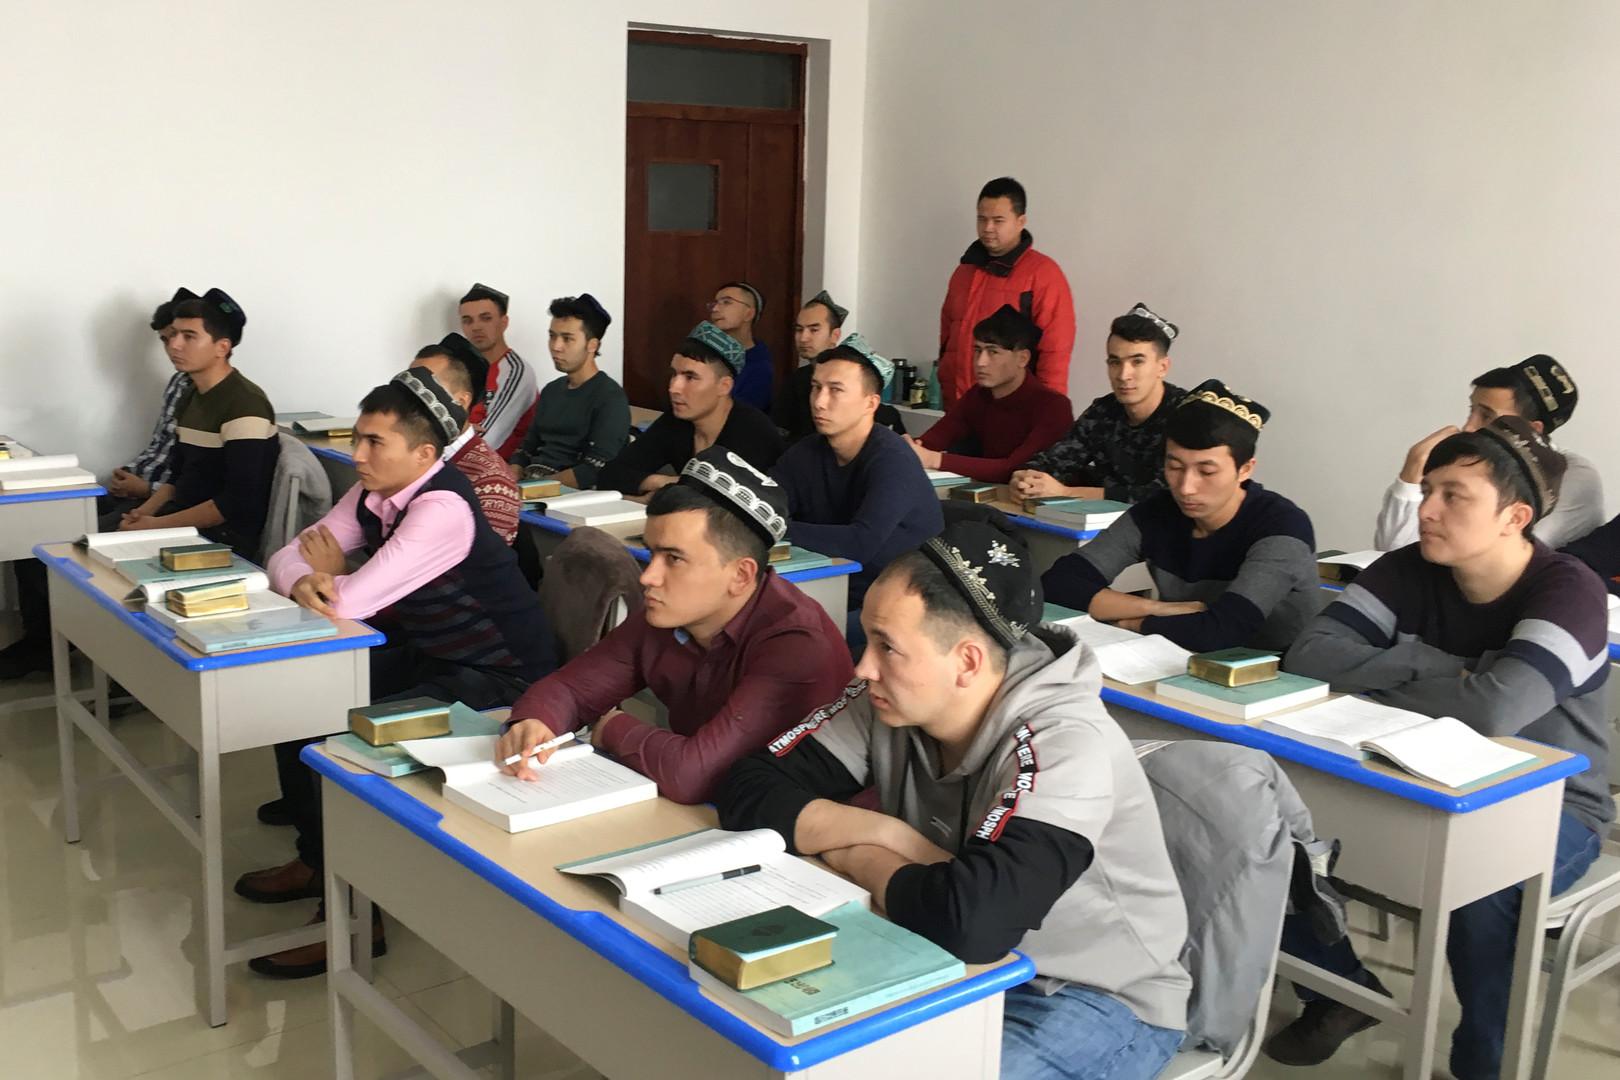 طلبة في مدرسة إسلامية بإقليم شينجيانغ